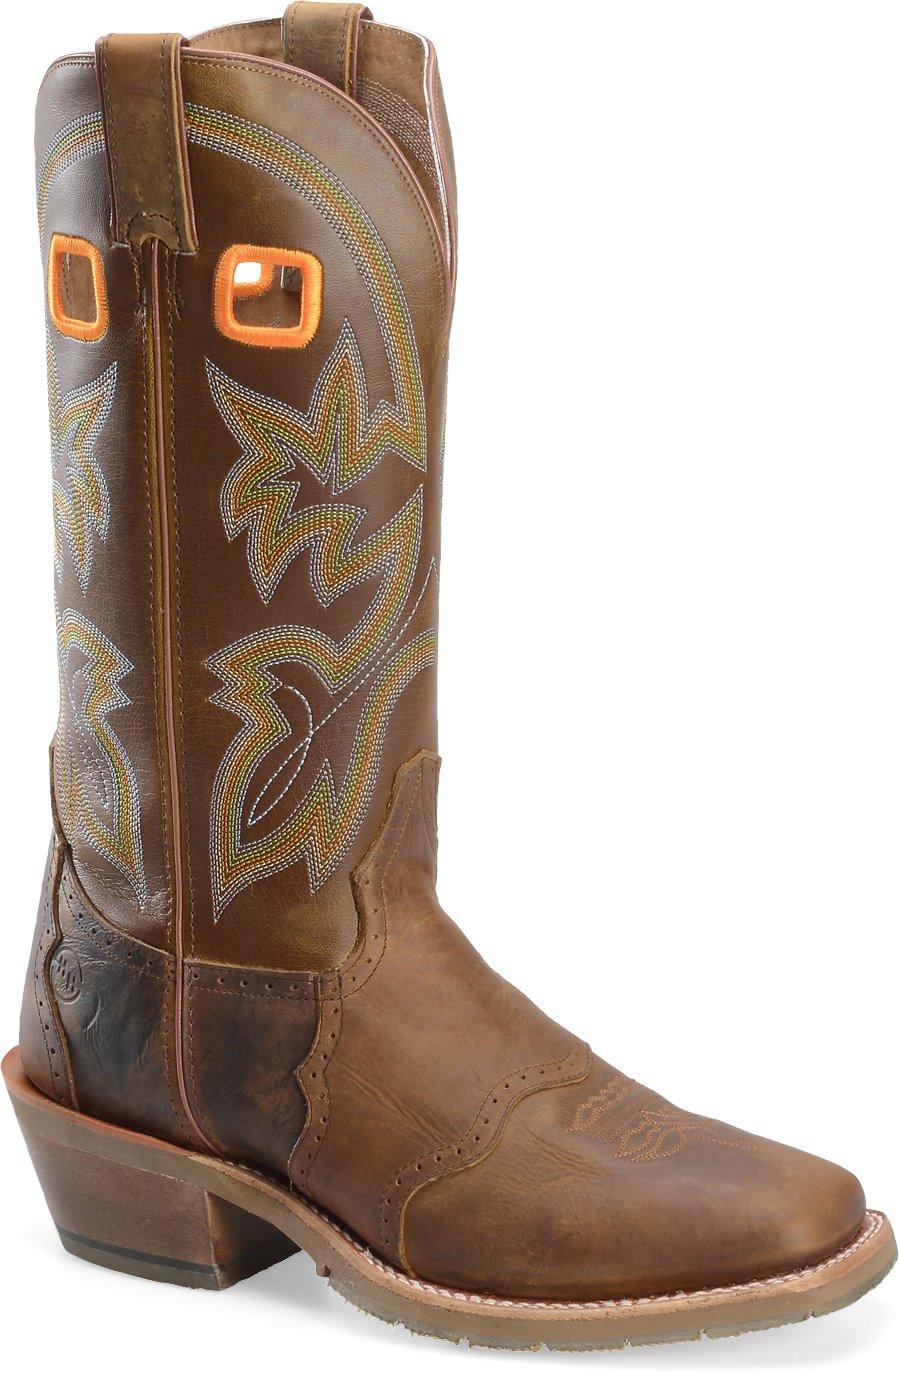 Double H Boot 14 Inch Work Western Buckaroo In Dark Beige